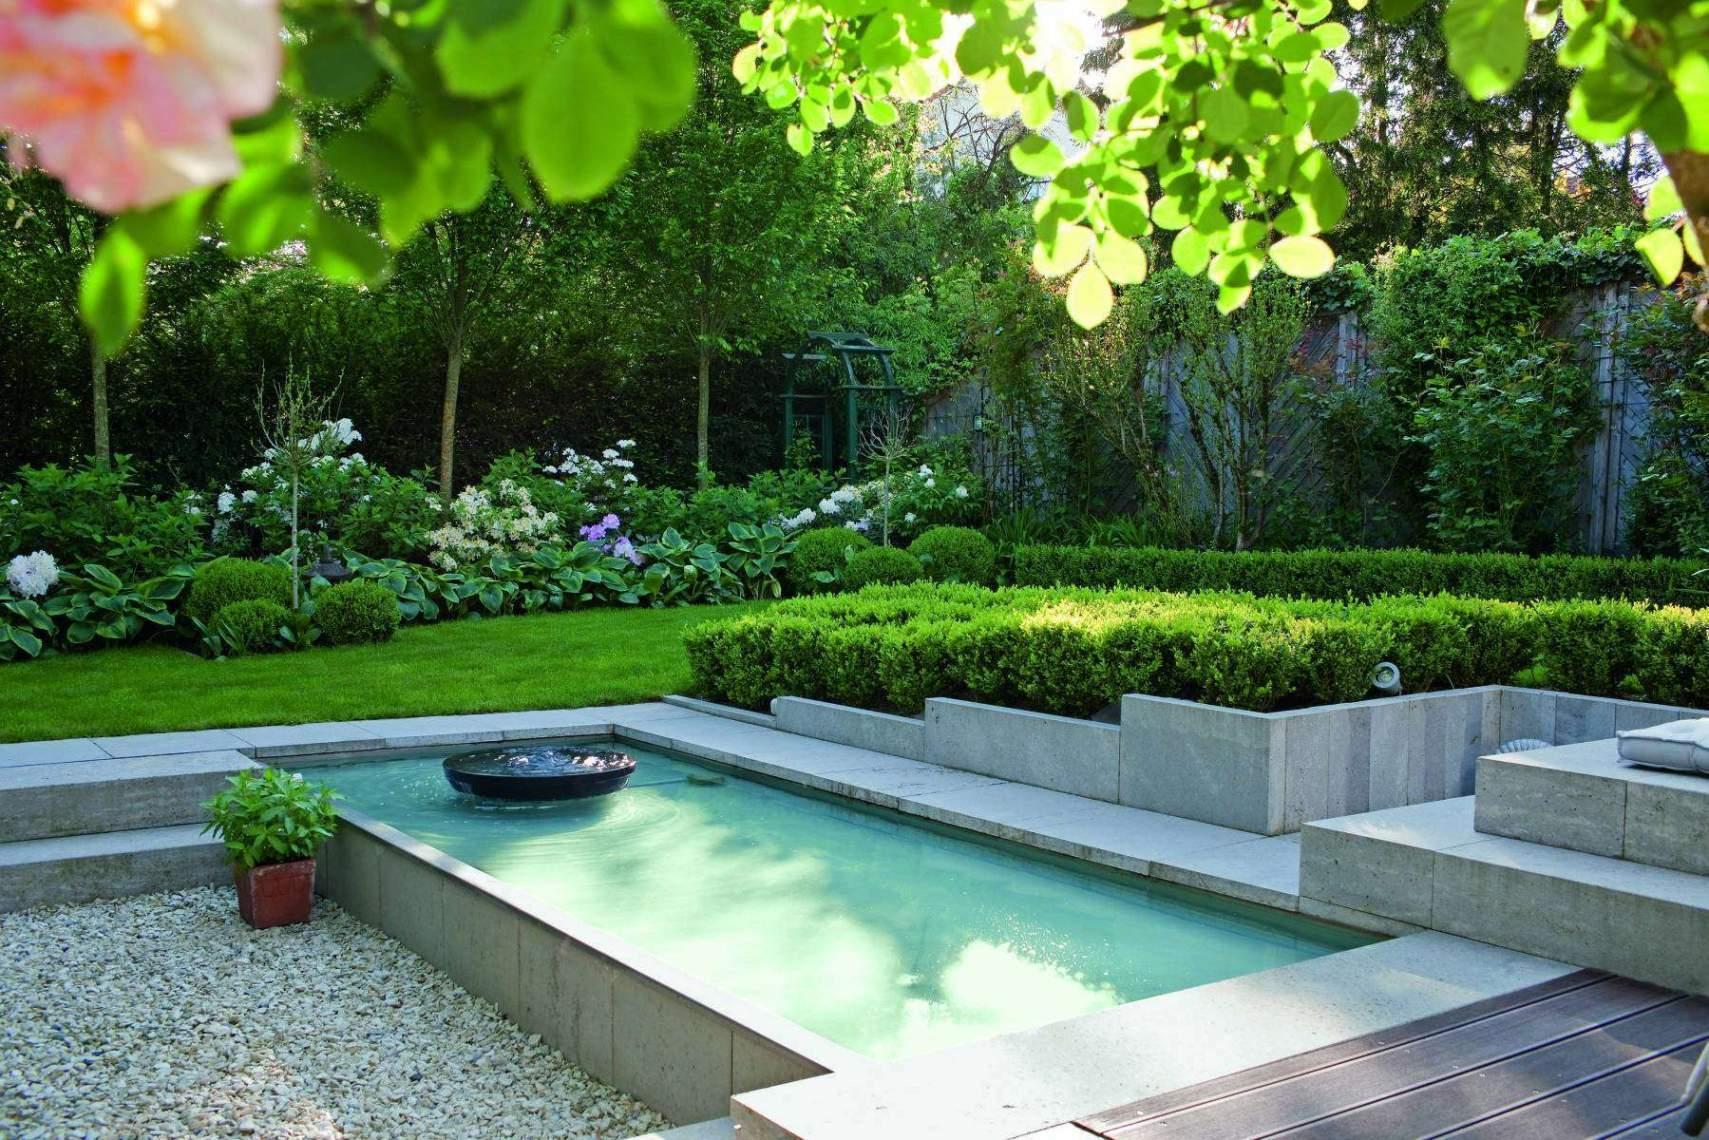 kunstrasen fur garten luxus 38 das beste von schwimmingpool fur garten schon of kunstrasen fur garten